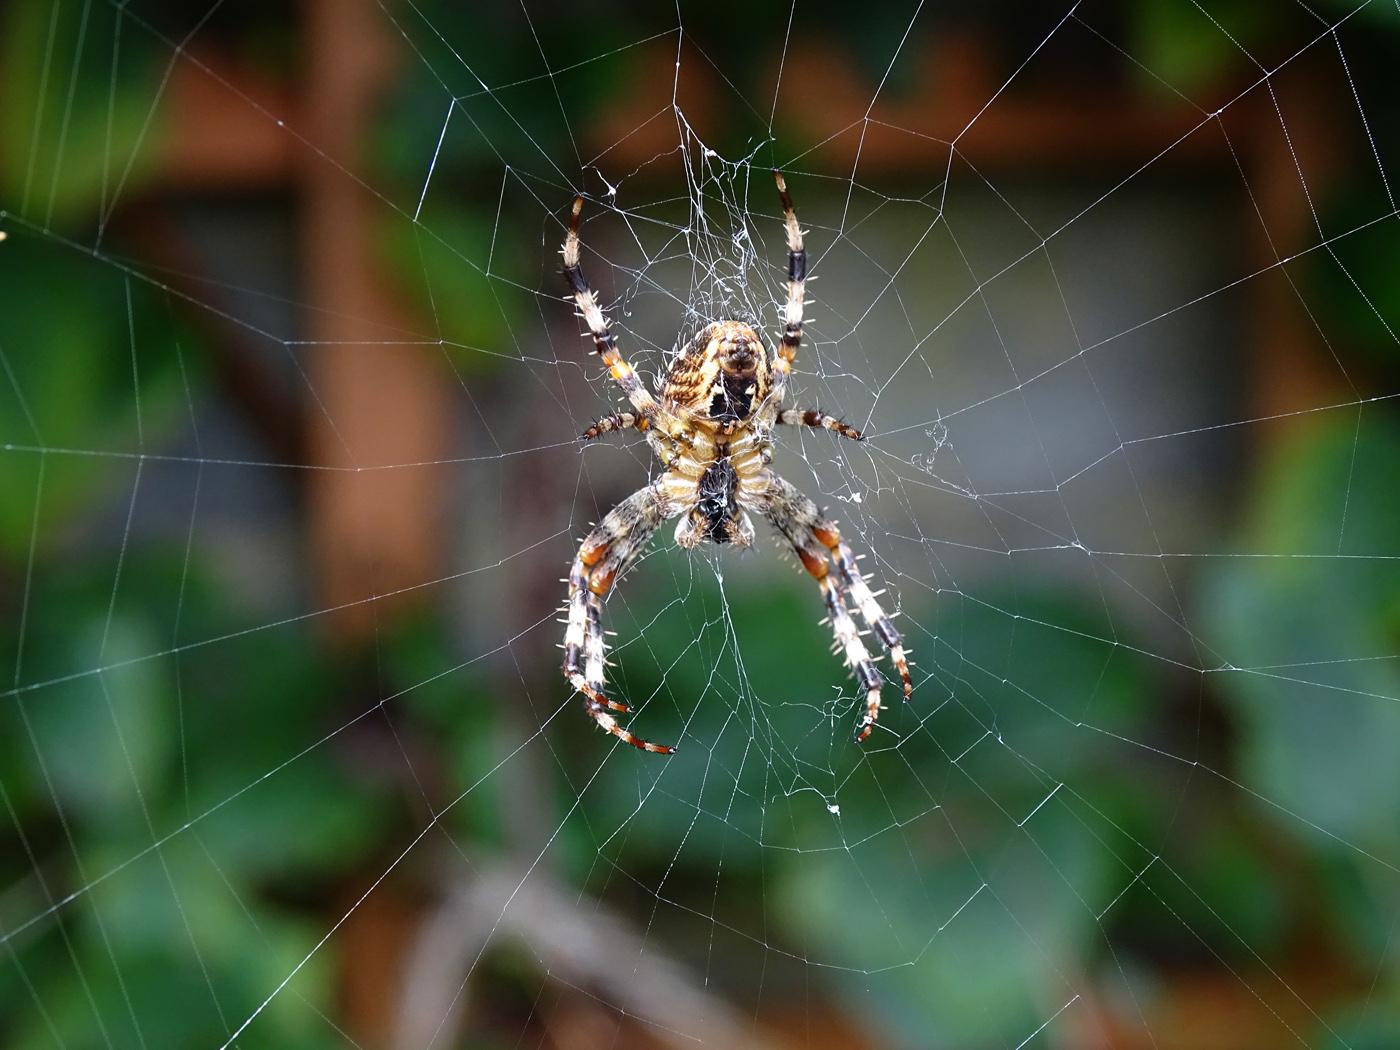 garden spider copy.jpg